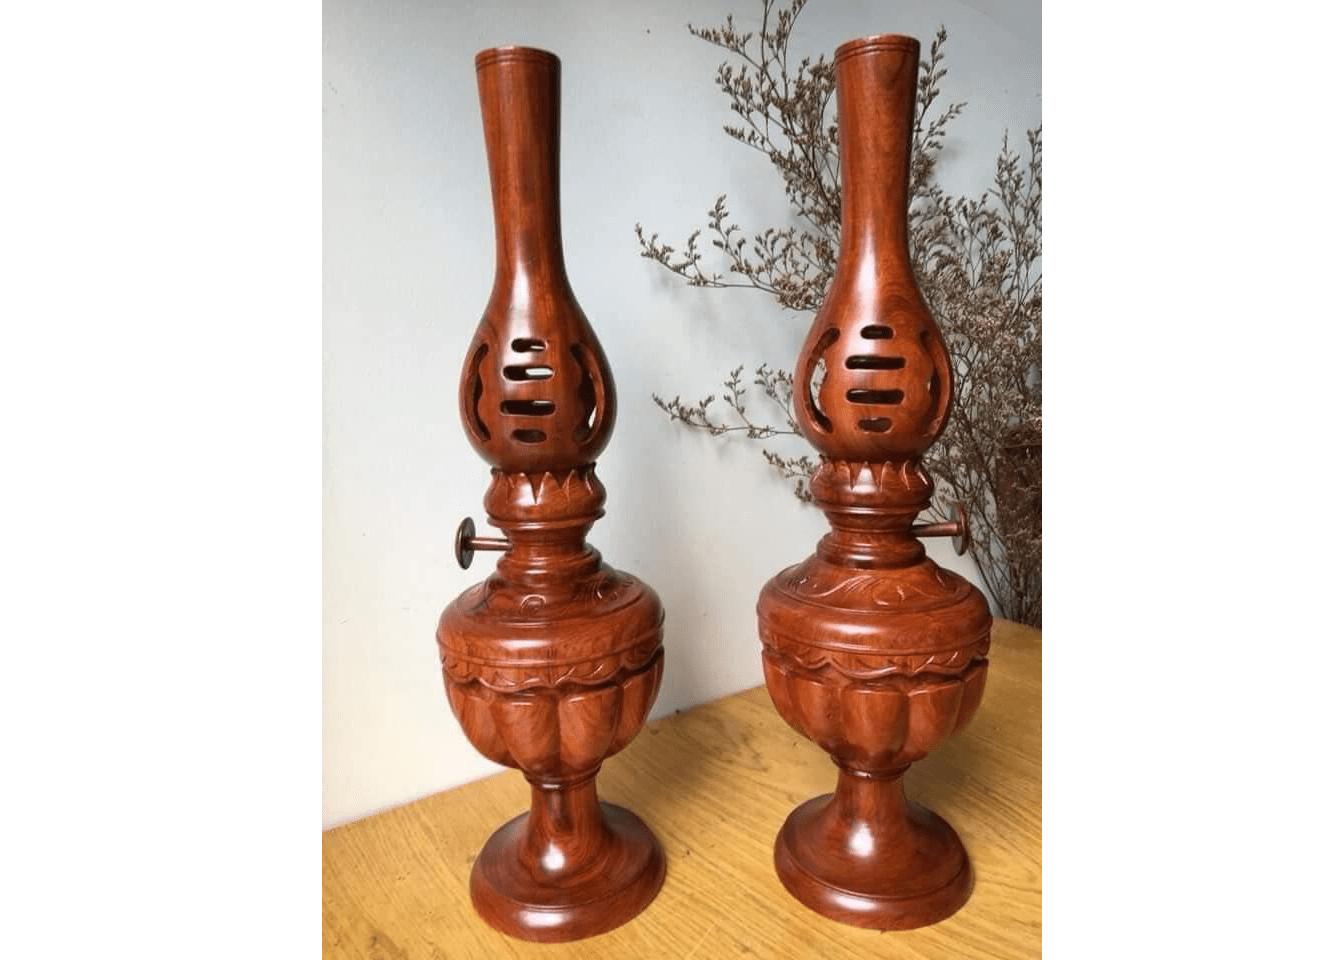 Đèn thờ gỗ có rất nhiều ưu điểm nổi bật